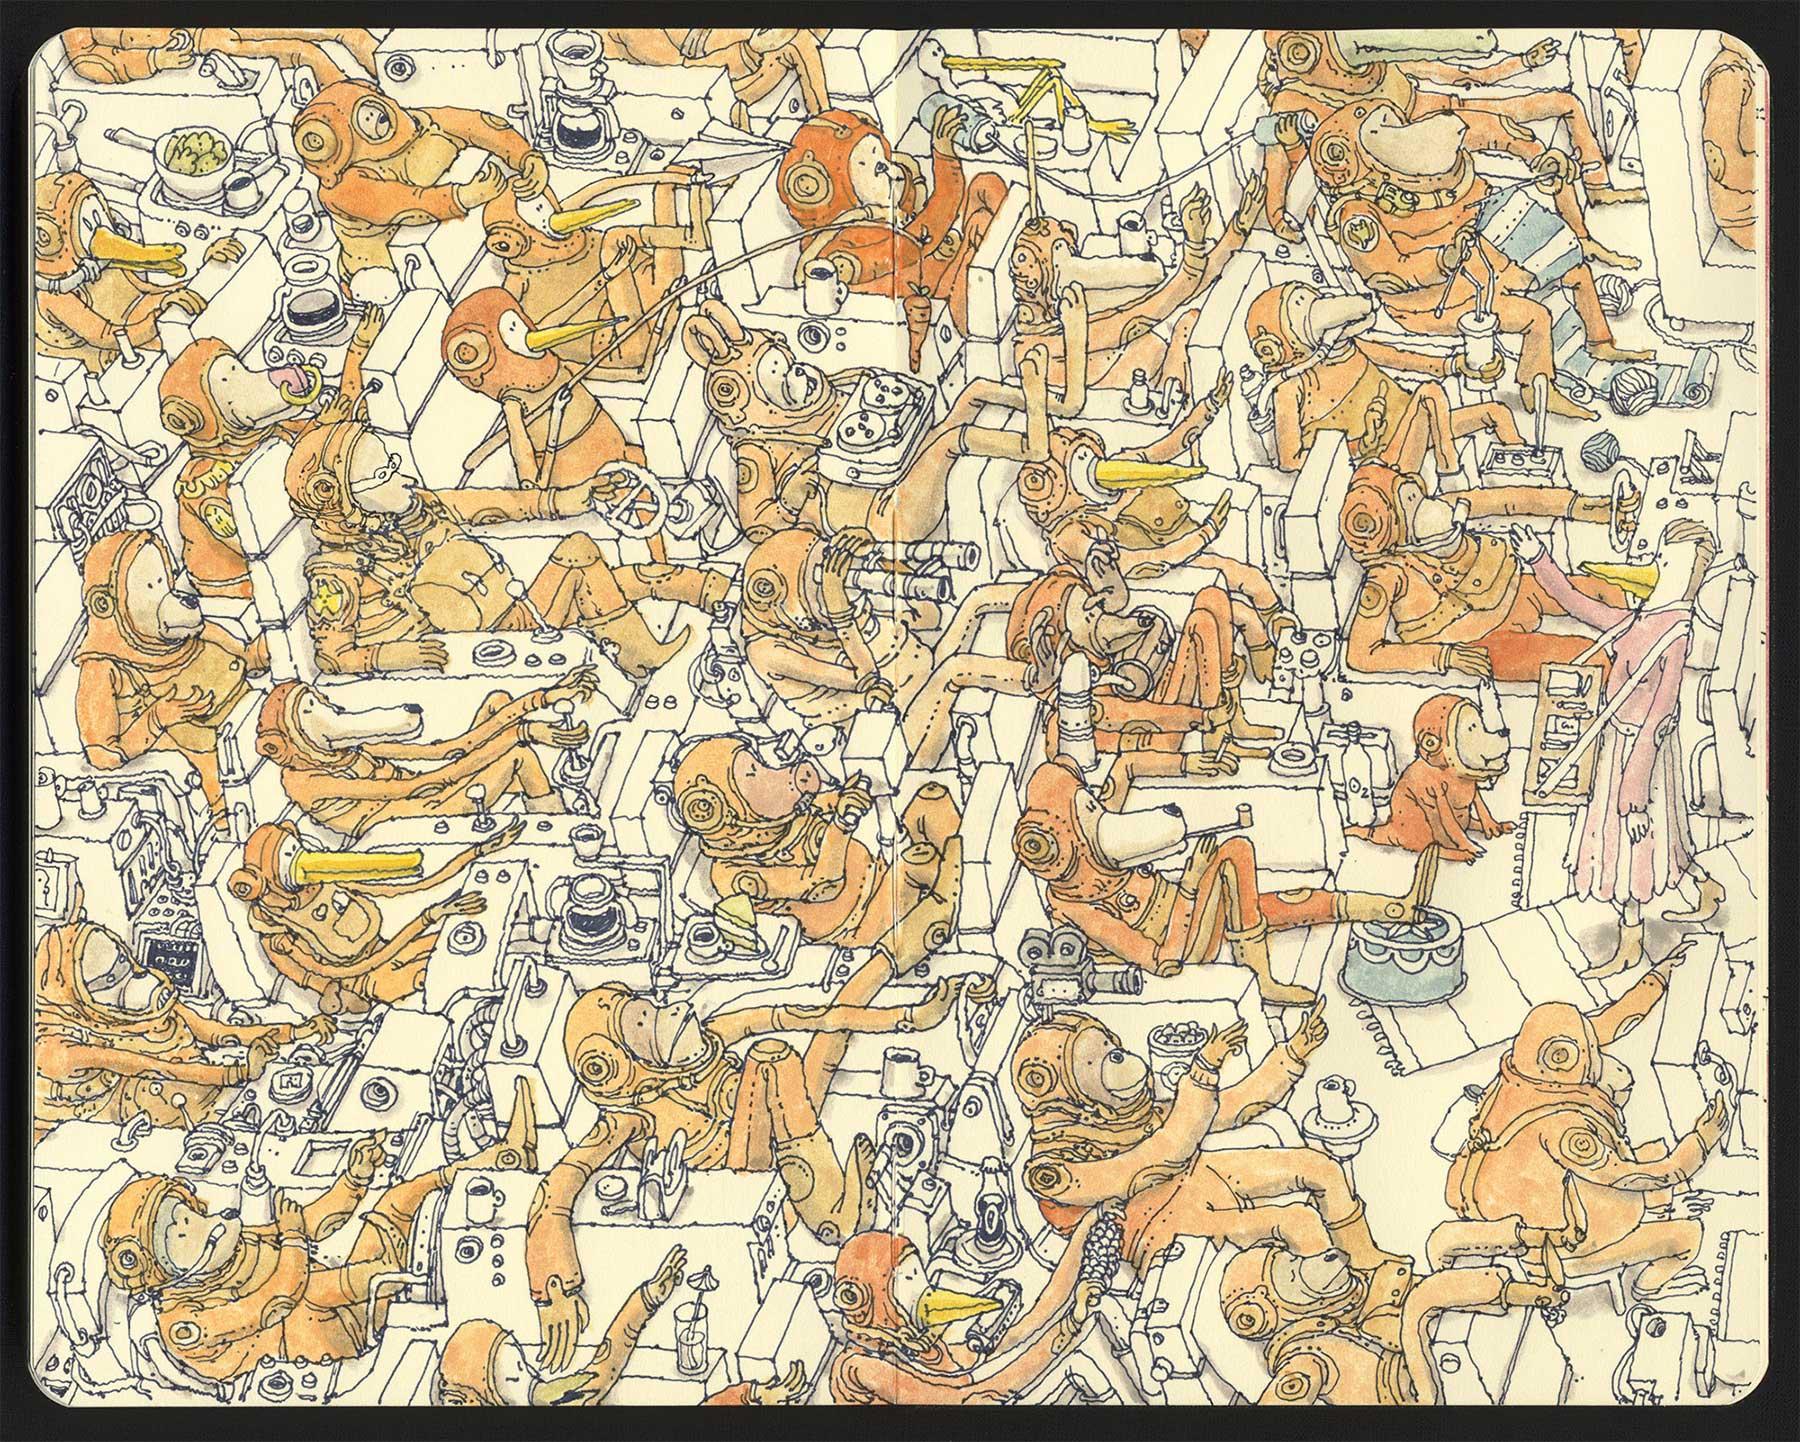 Noch mehr Notizbuchzeichnungen von Mattias Adolfsson Mattias-Adolfsson-Zeichnungen_04